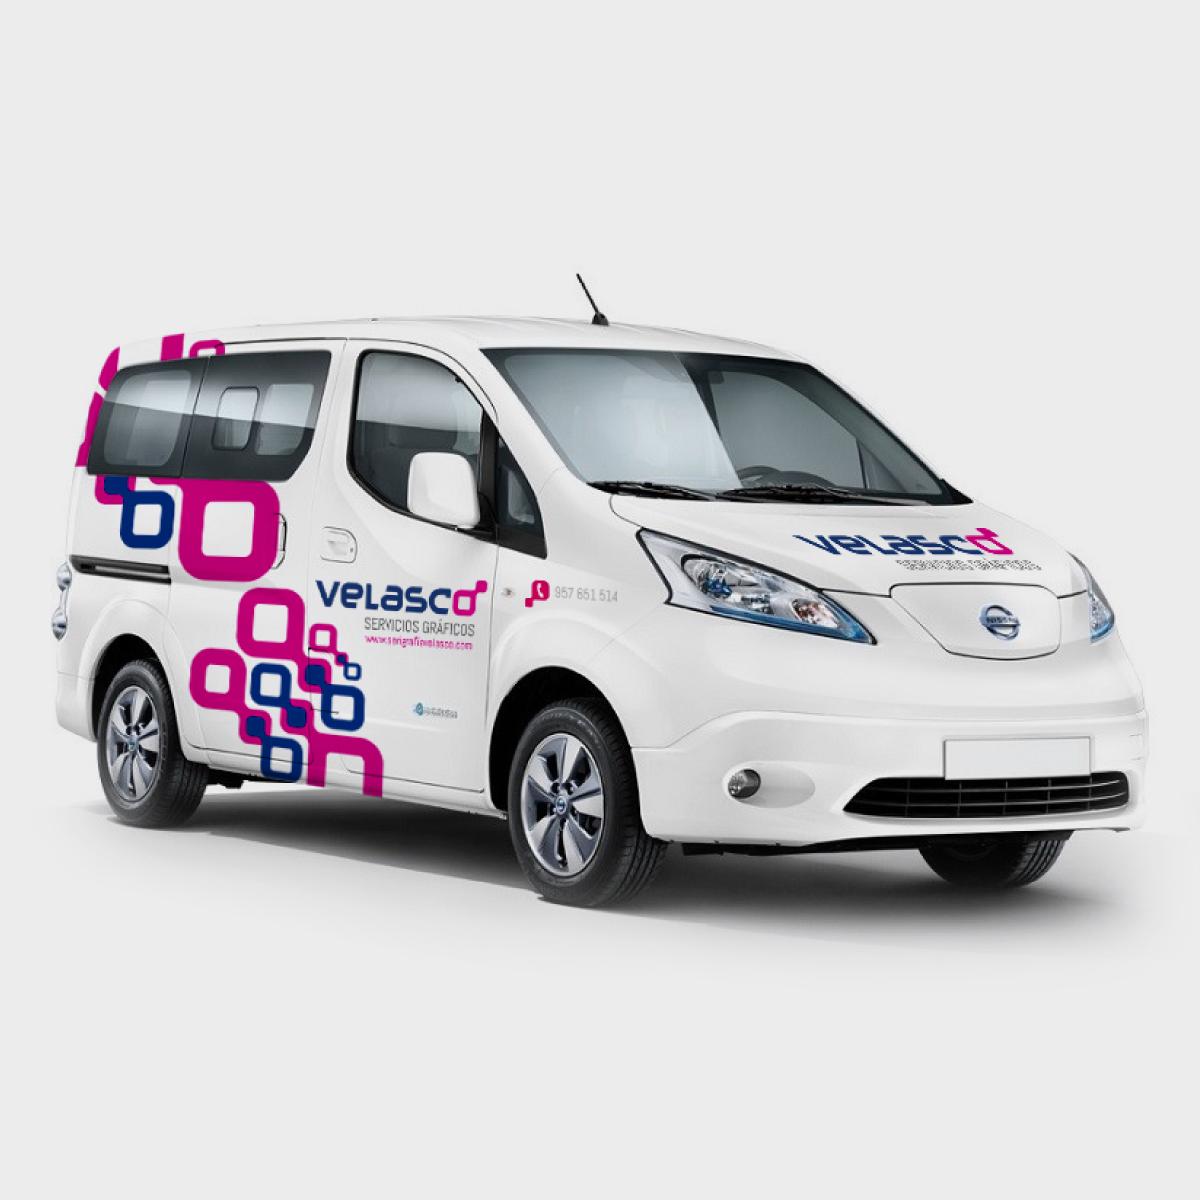 Vehiculo1-Velasco